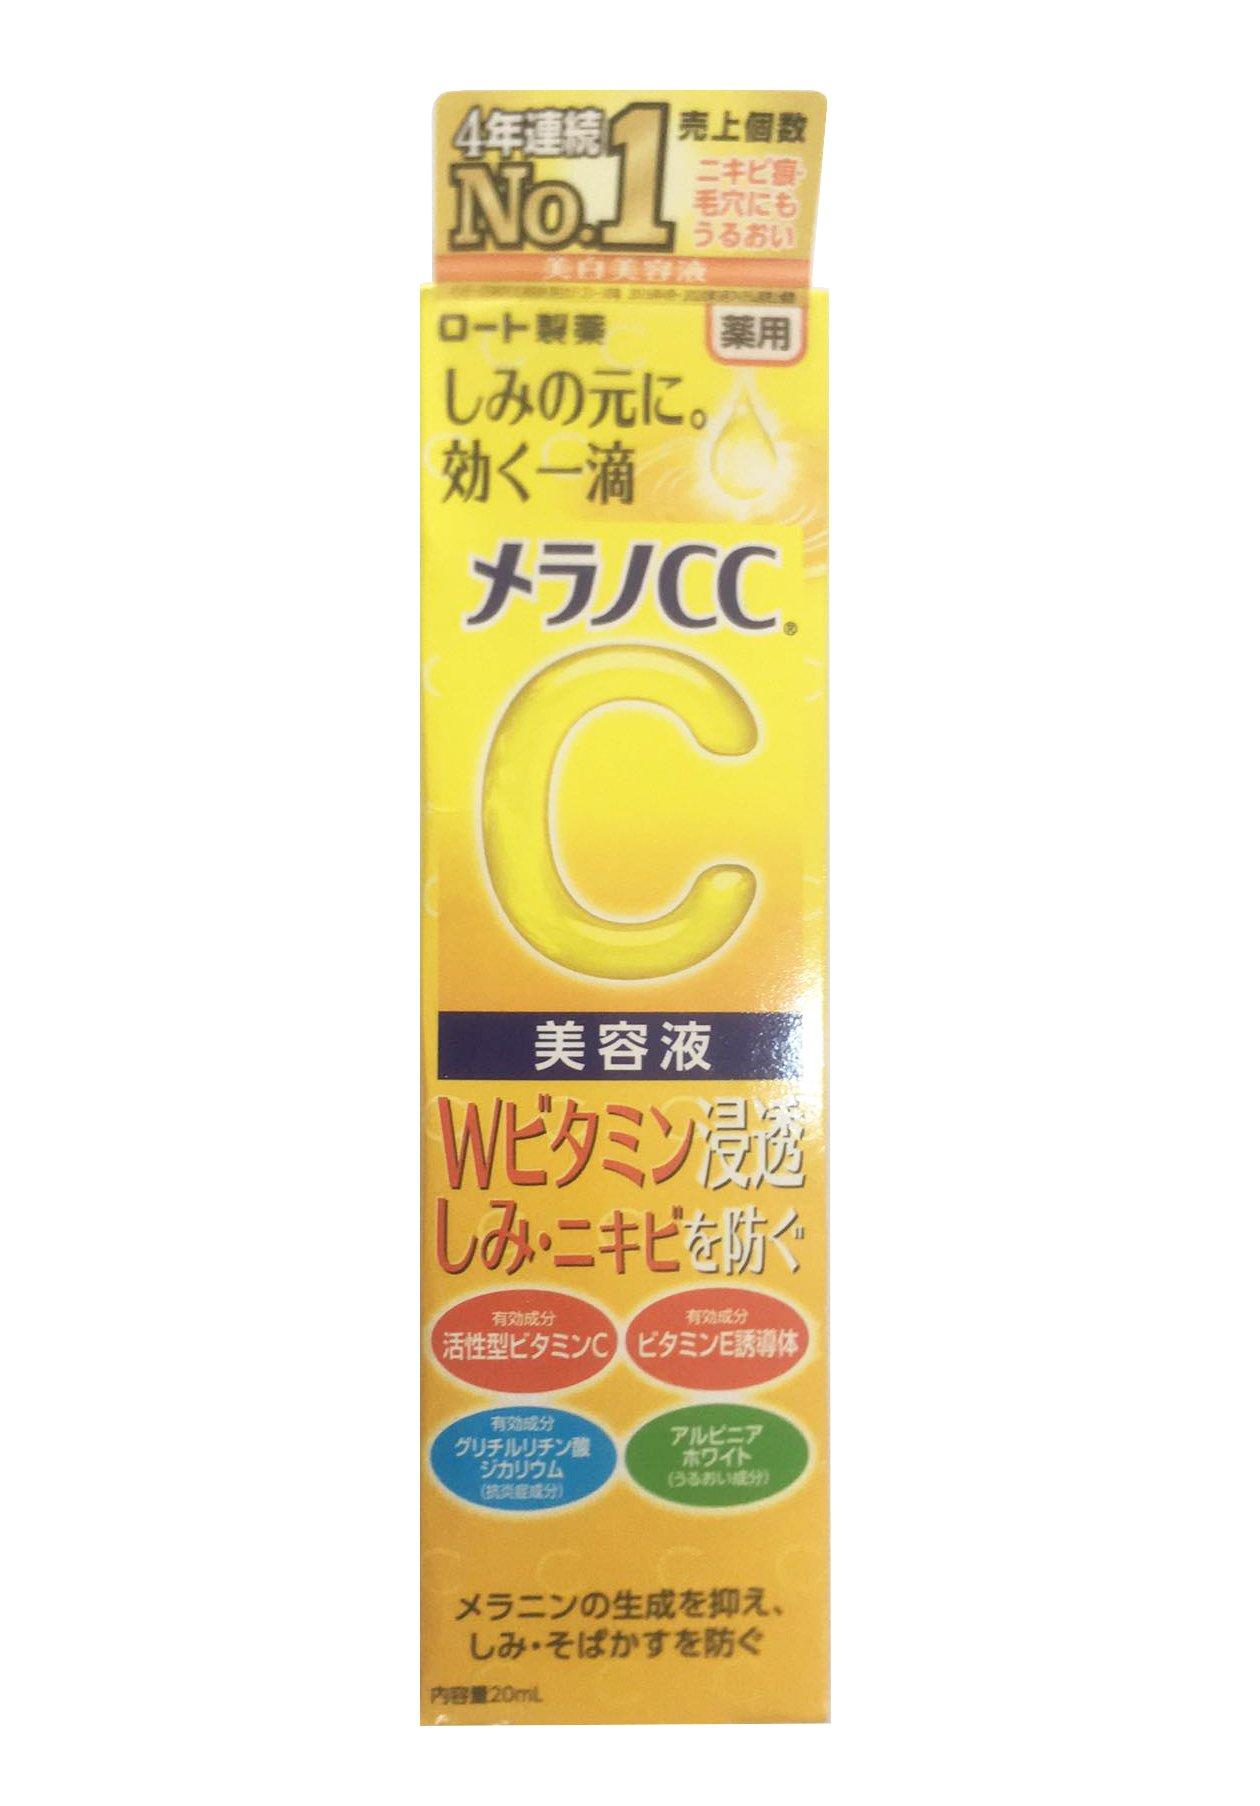 Serum CC Melano 20ml chính hãng từ Nhật Bản mẫu mới